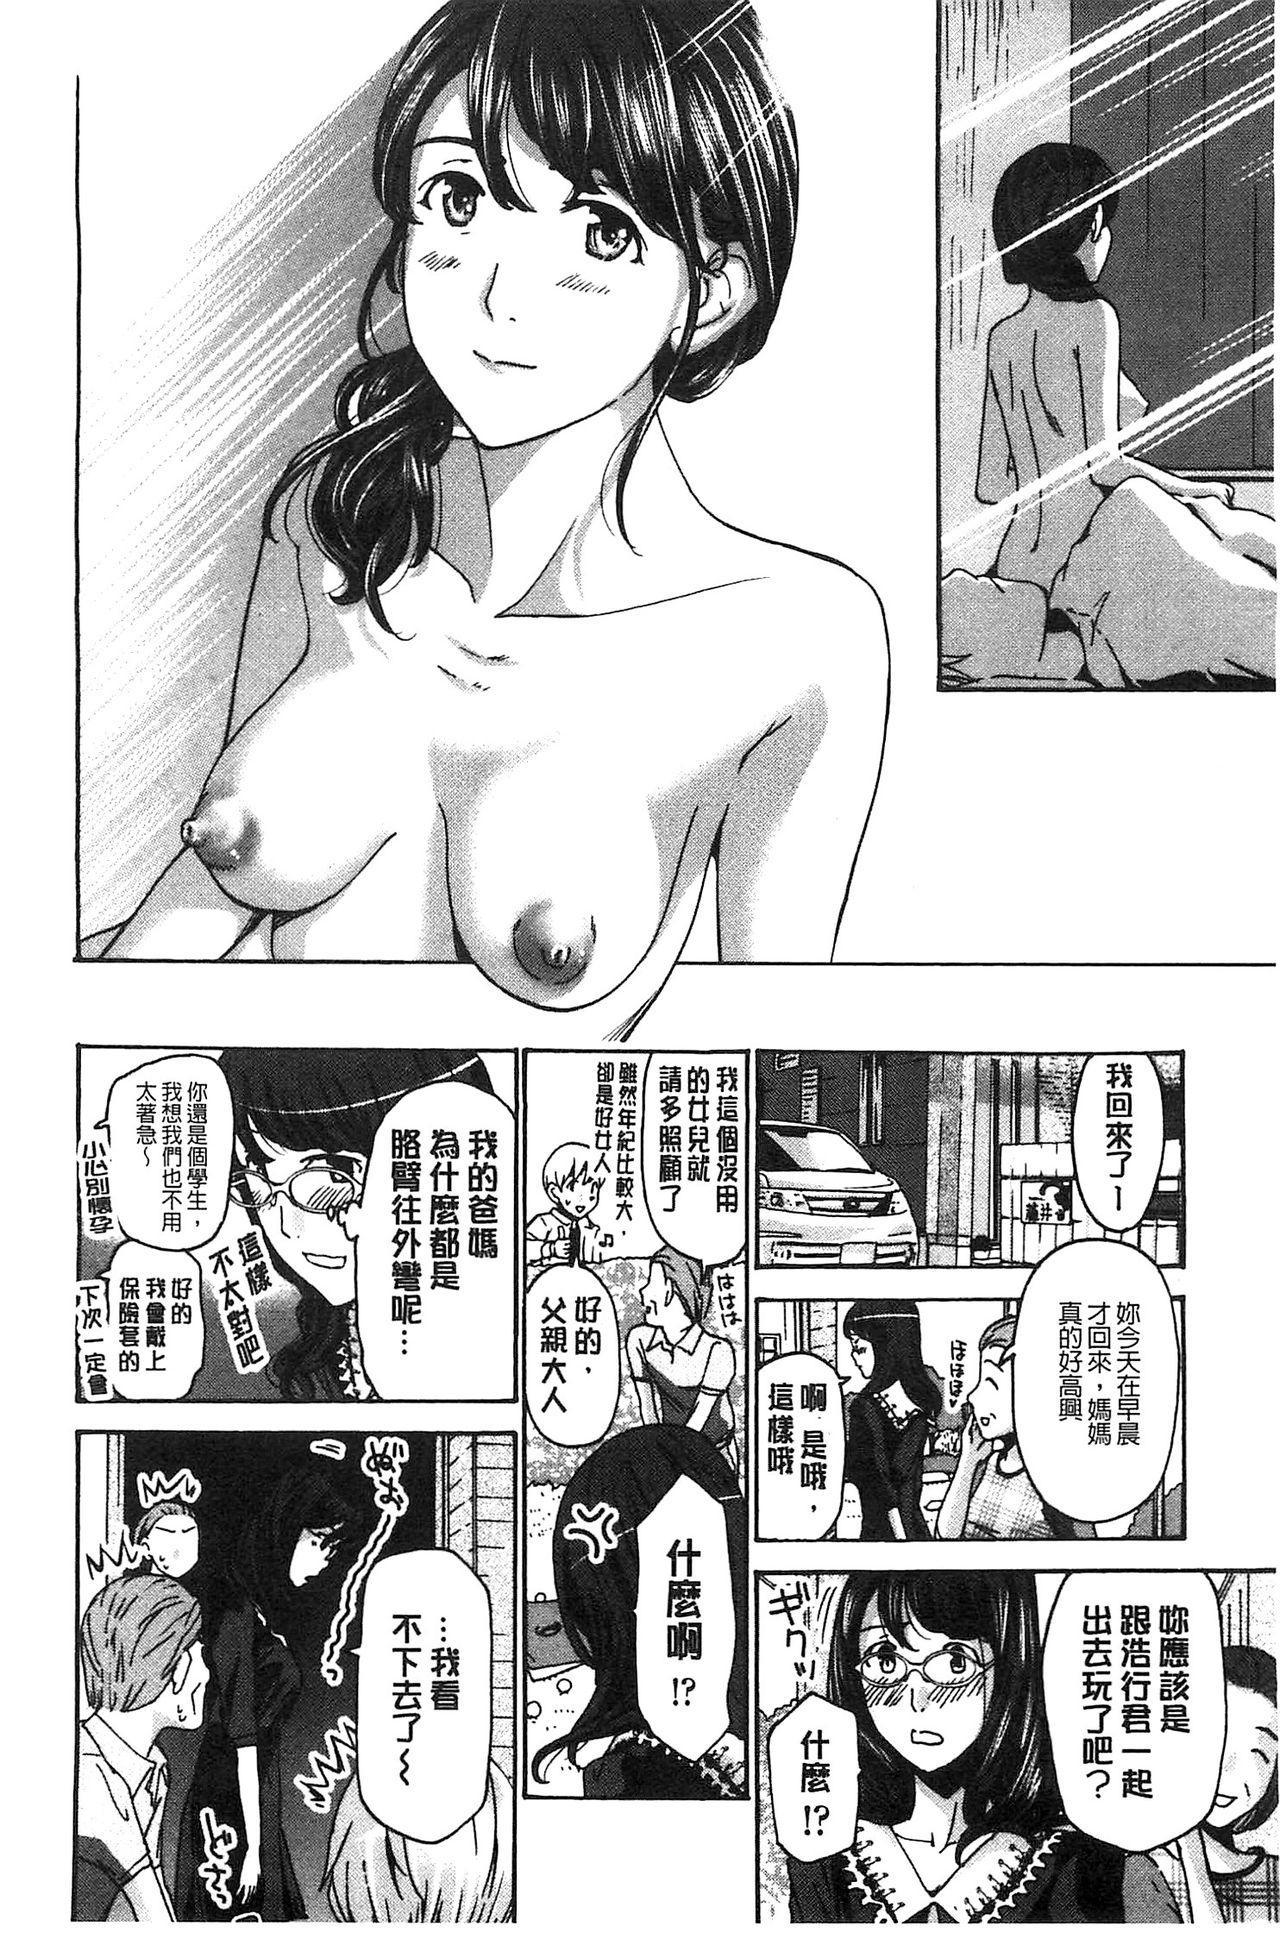 Watashito Iikoto Shiyo? 48